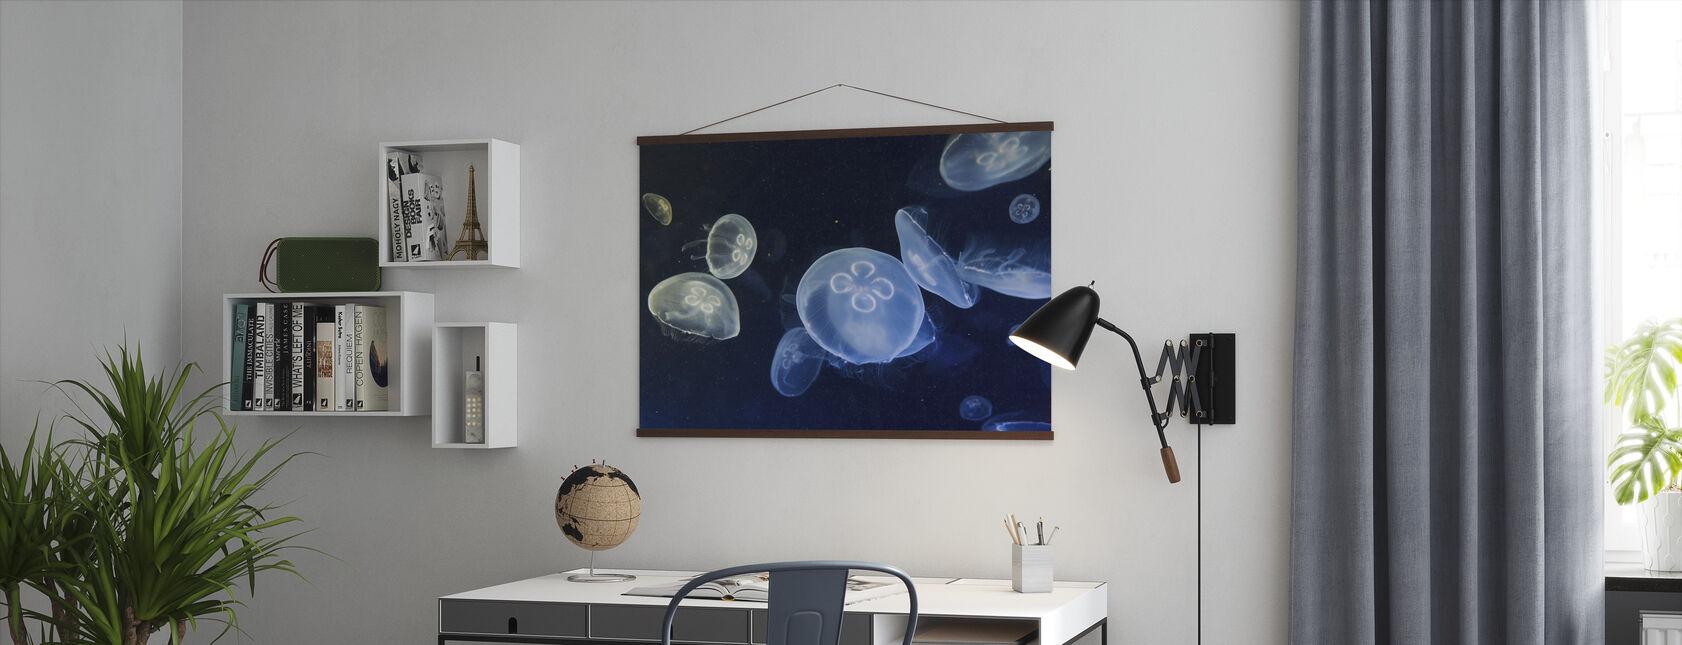 Drijvende kwallen - Poster - Kantoor